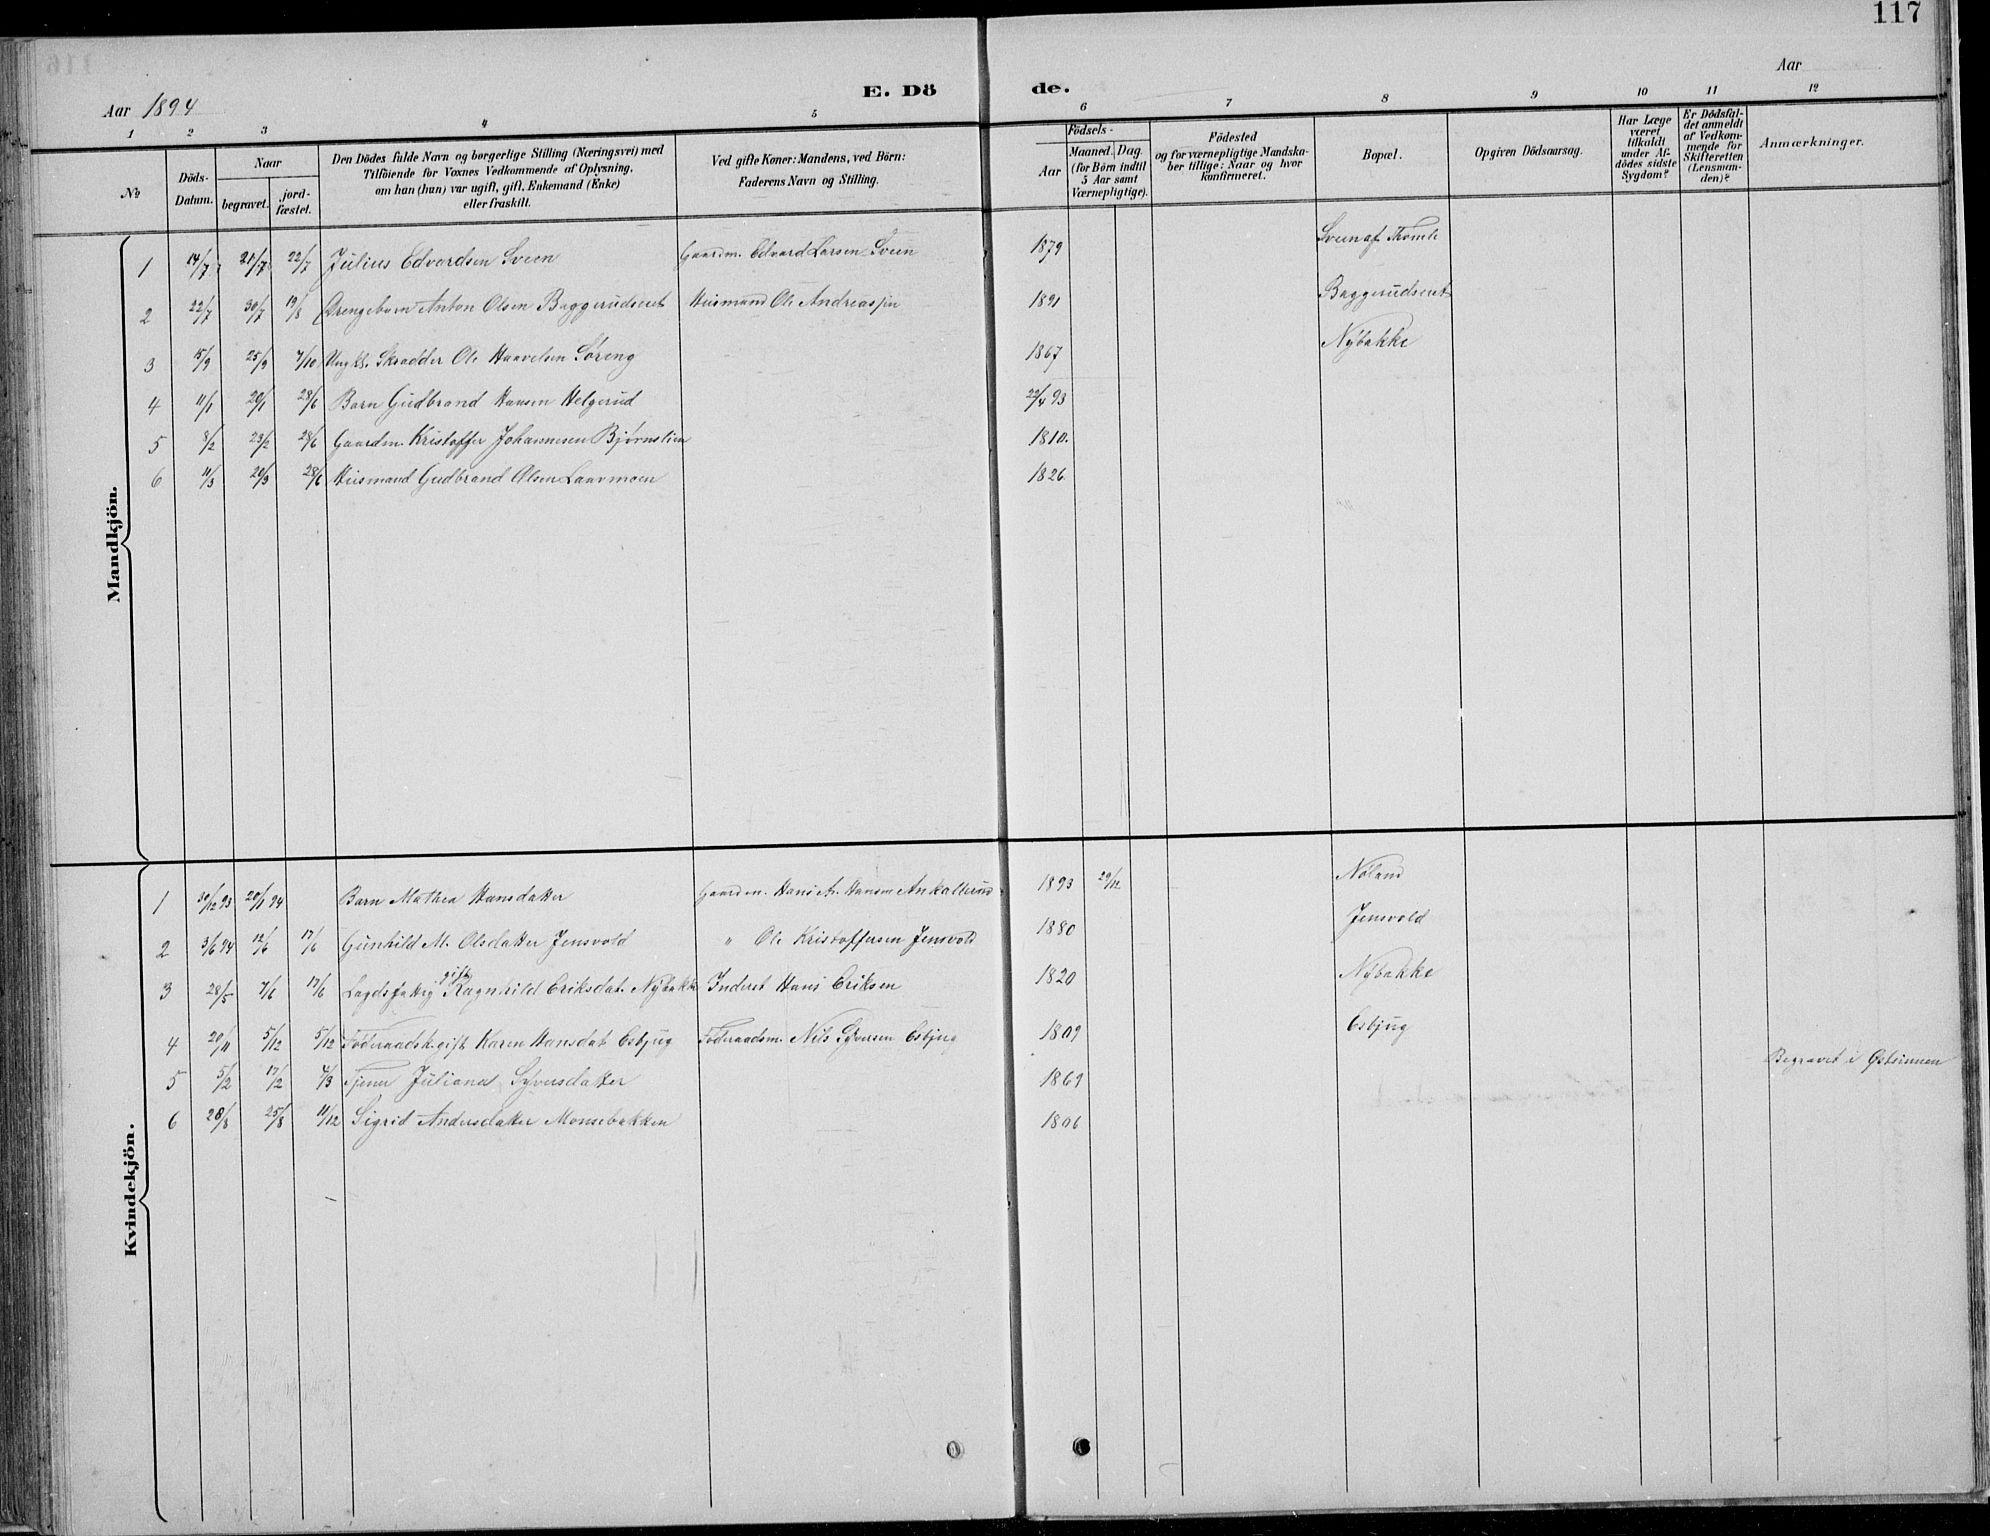 SAH, Nordre Land prestekontor, Klokkerbok nr. 13, 1891-1904, s. 117